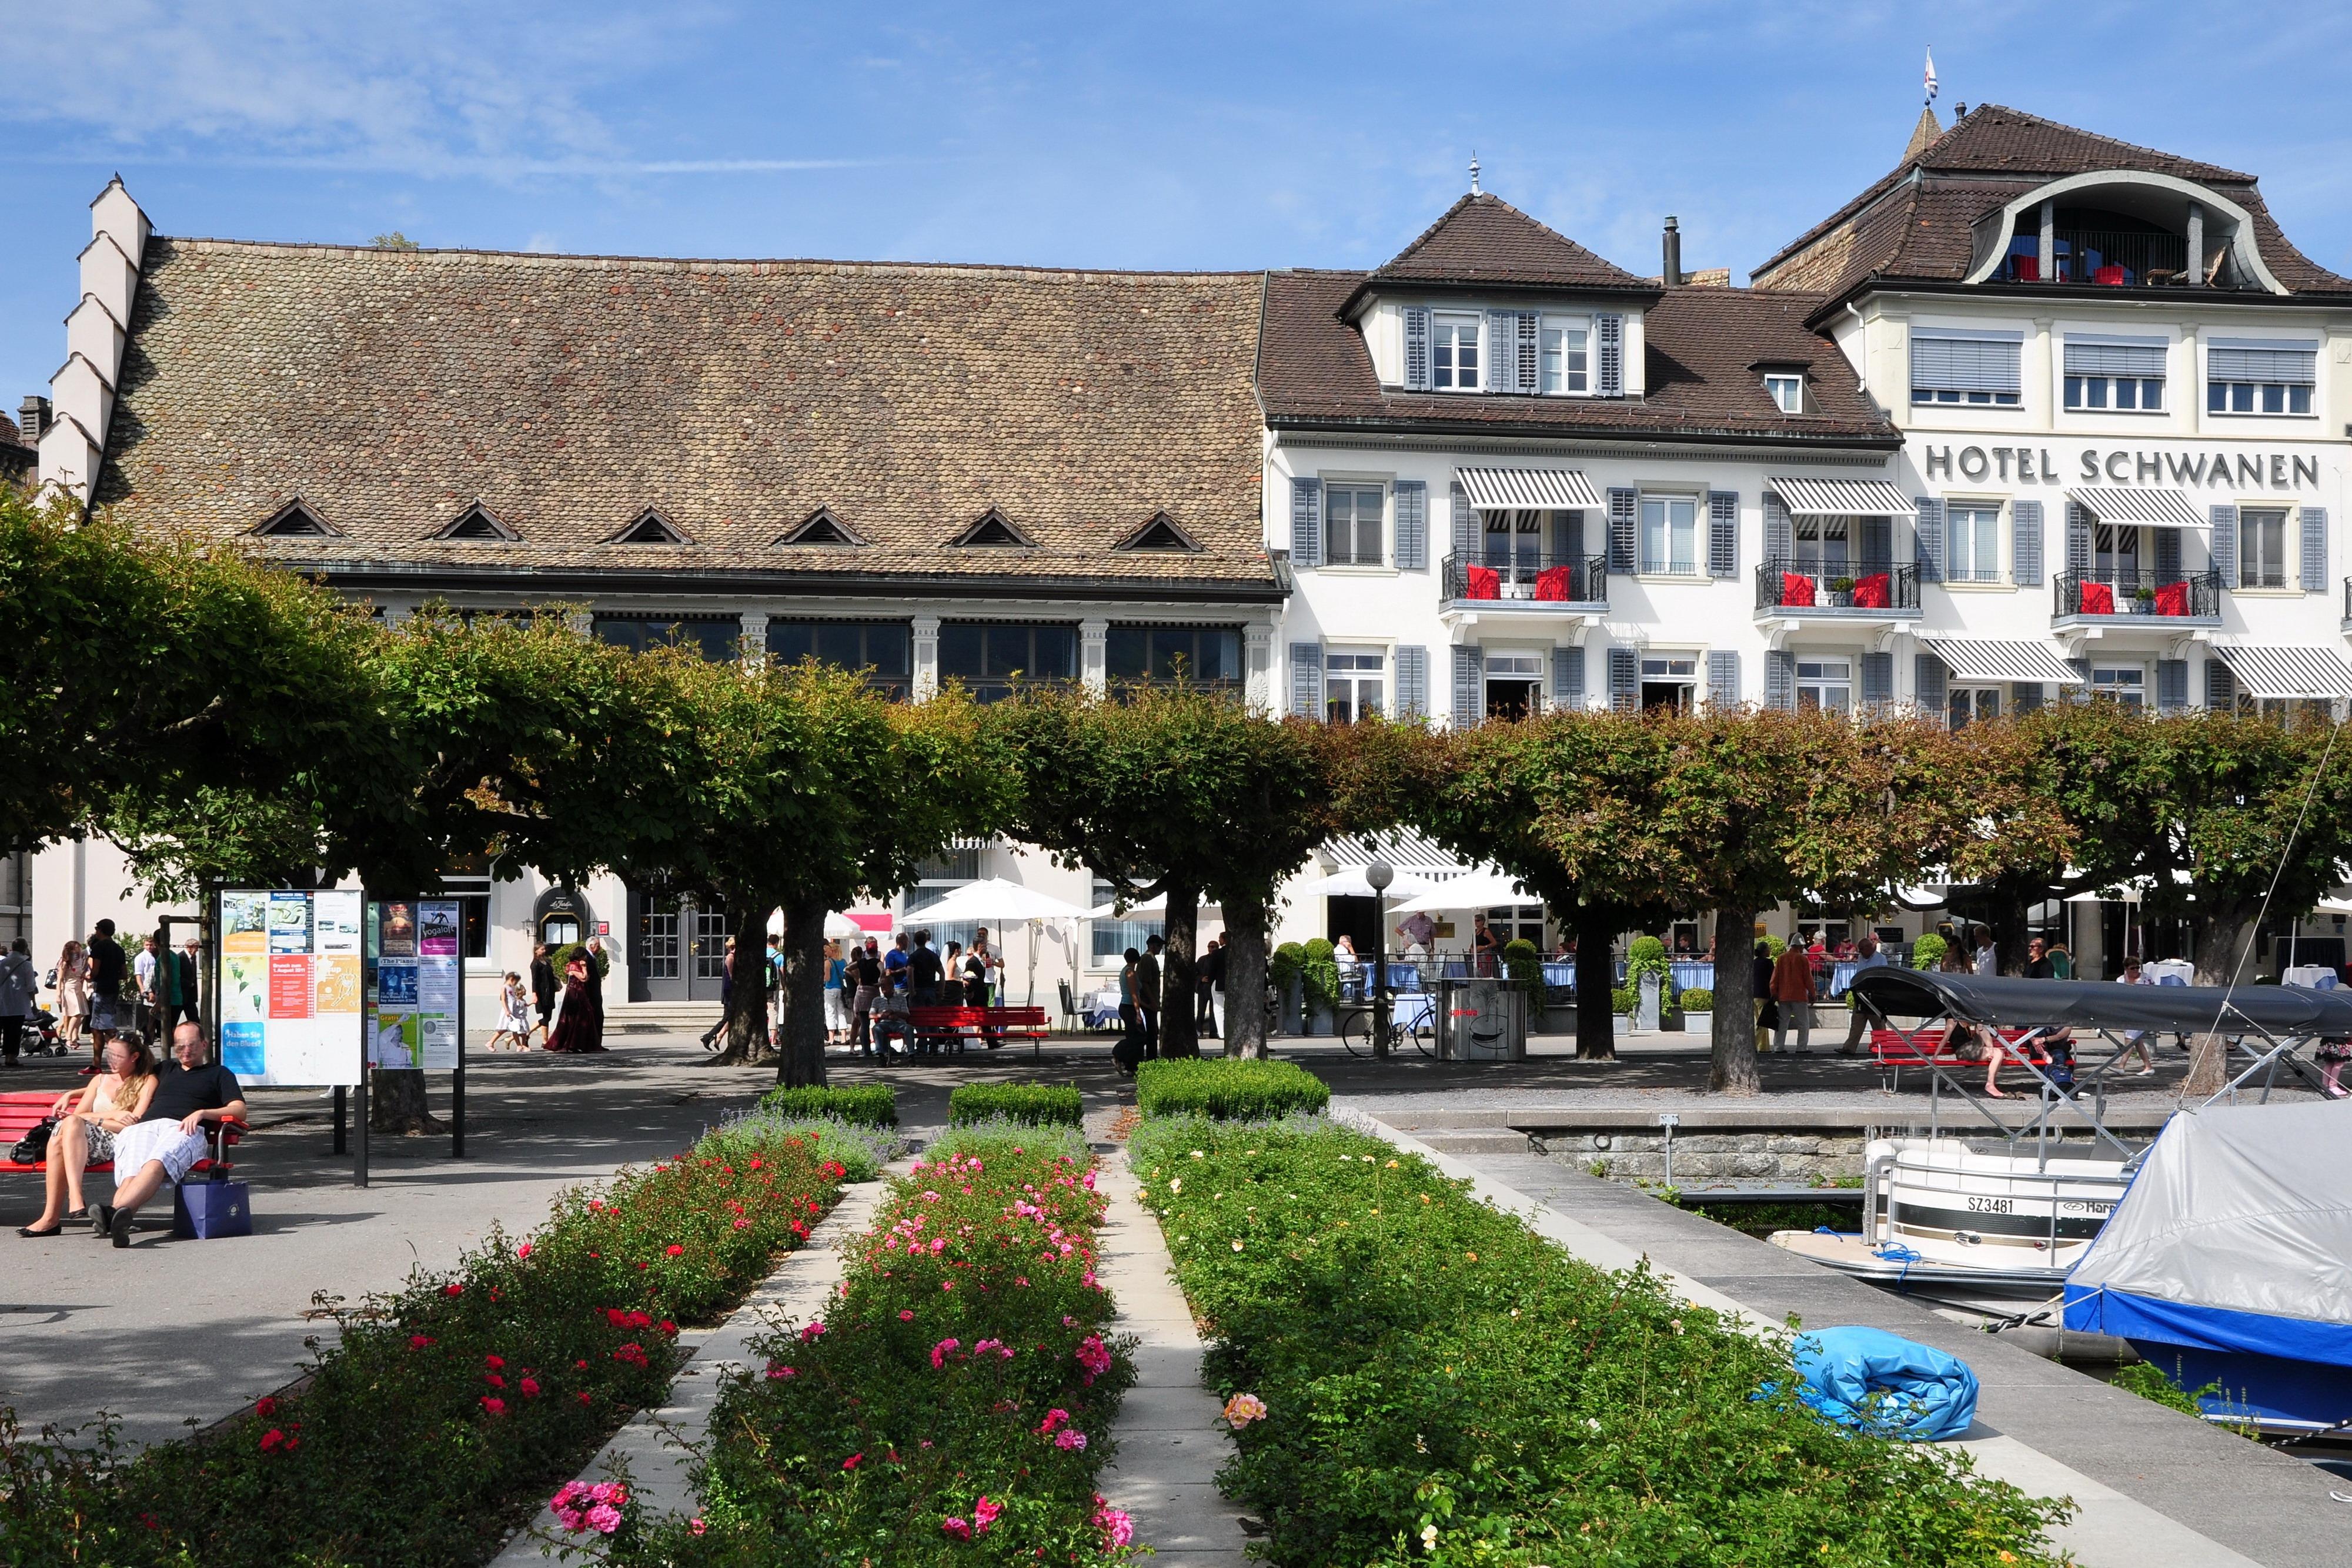 Hotel Restaurant Schwanen Metzingen Germany